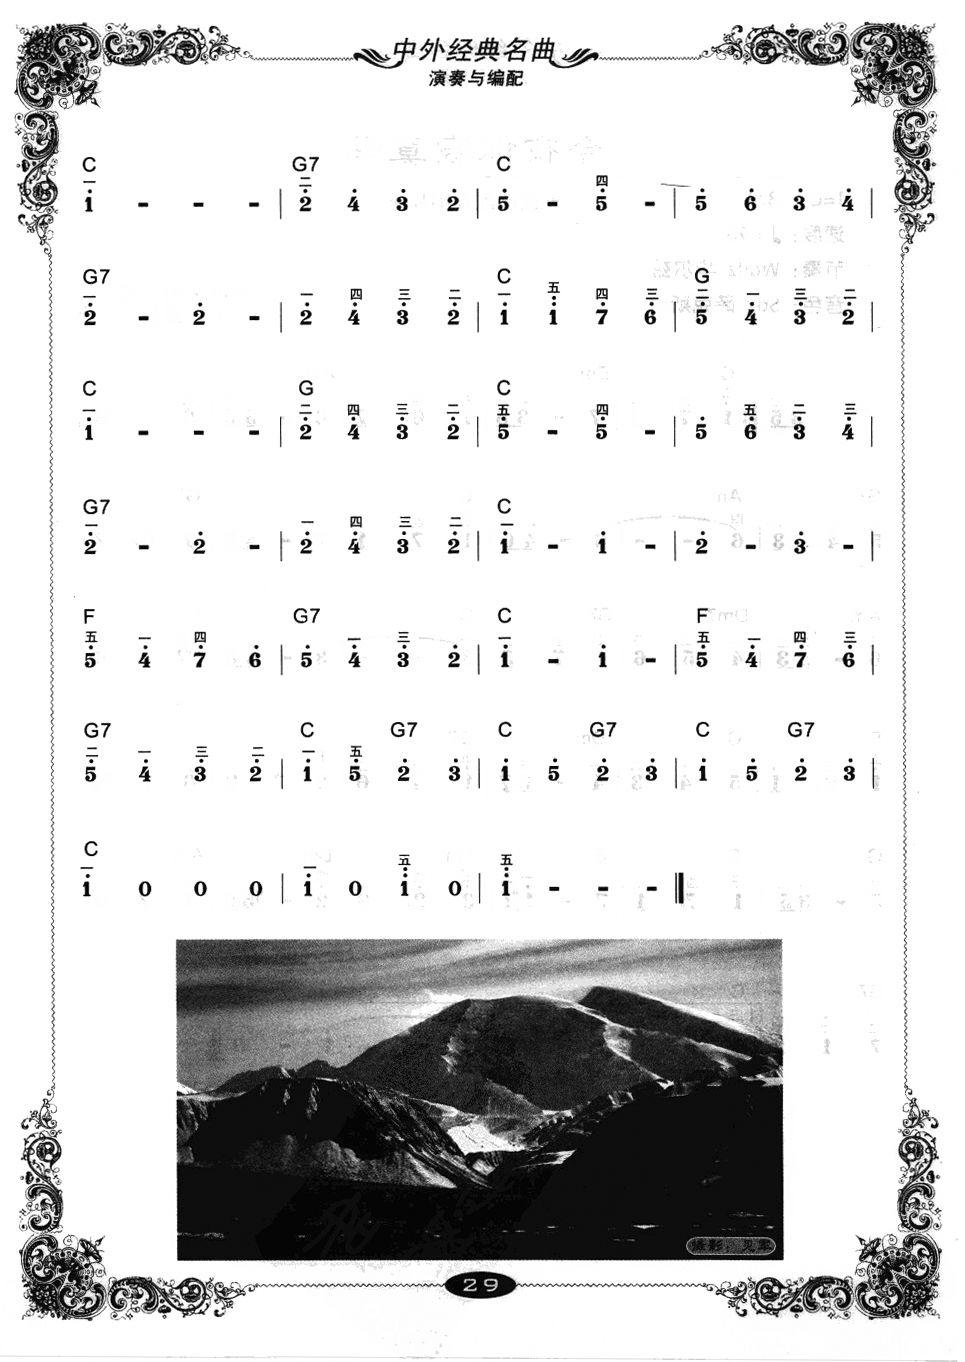 下载:康康舞曲电子琴曲谱(图3)-康康舞曲